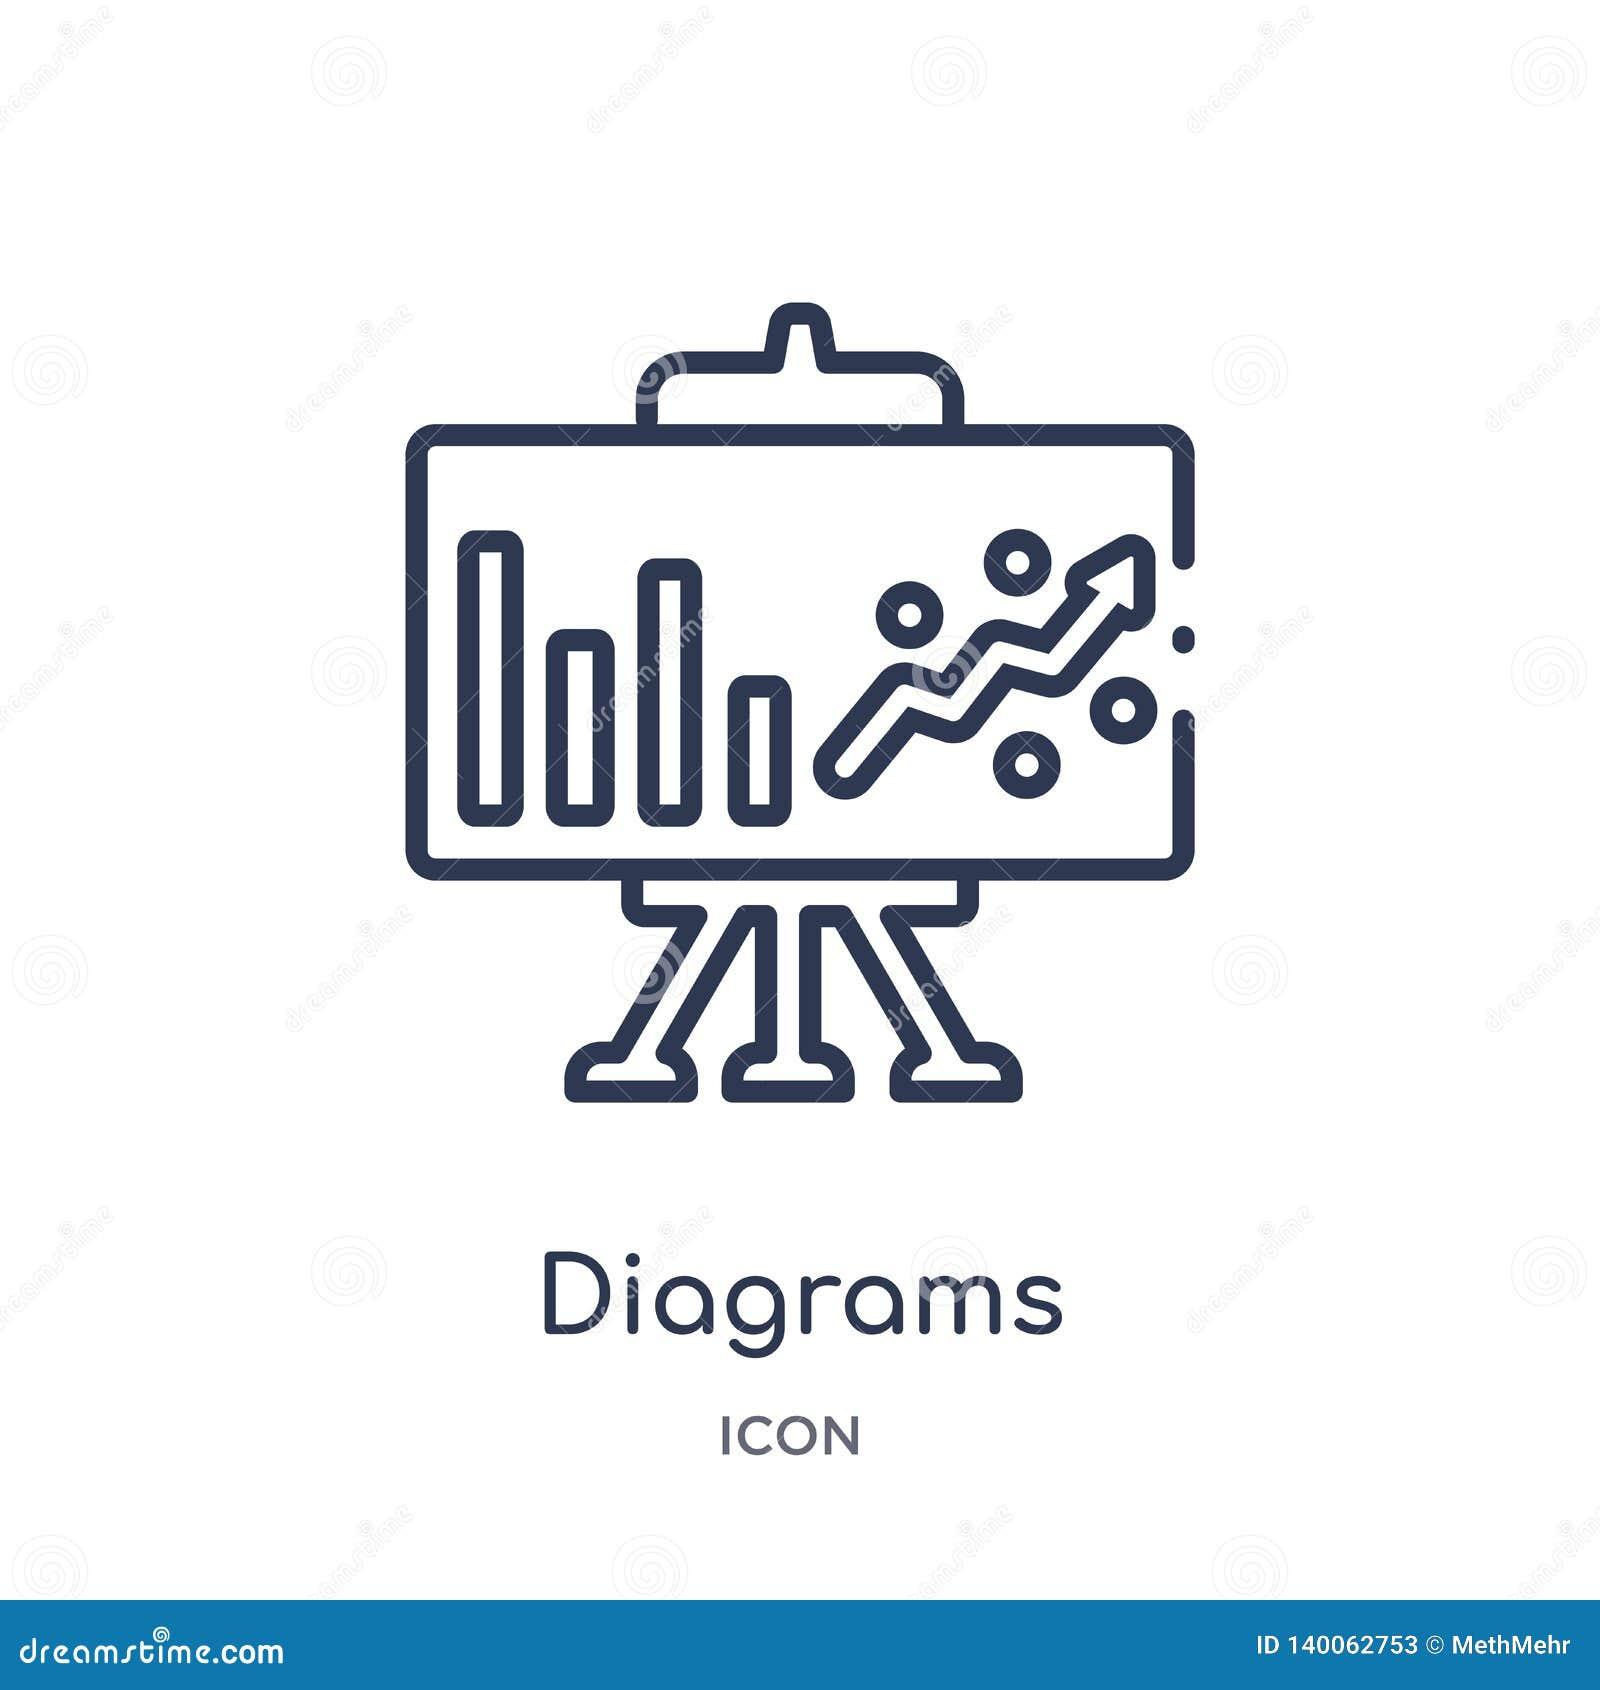 Lineare Diagrammikone von vermarktender Entwurfssammlung Dünnes Liniendiagramm die Ikone, die auf weißem Hintergrund lokalisiert